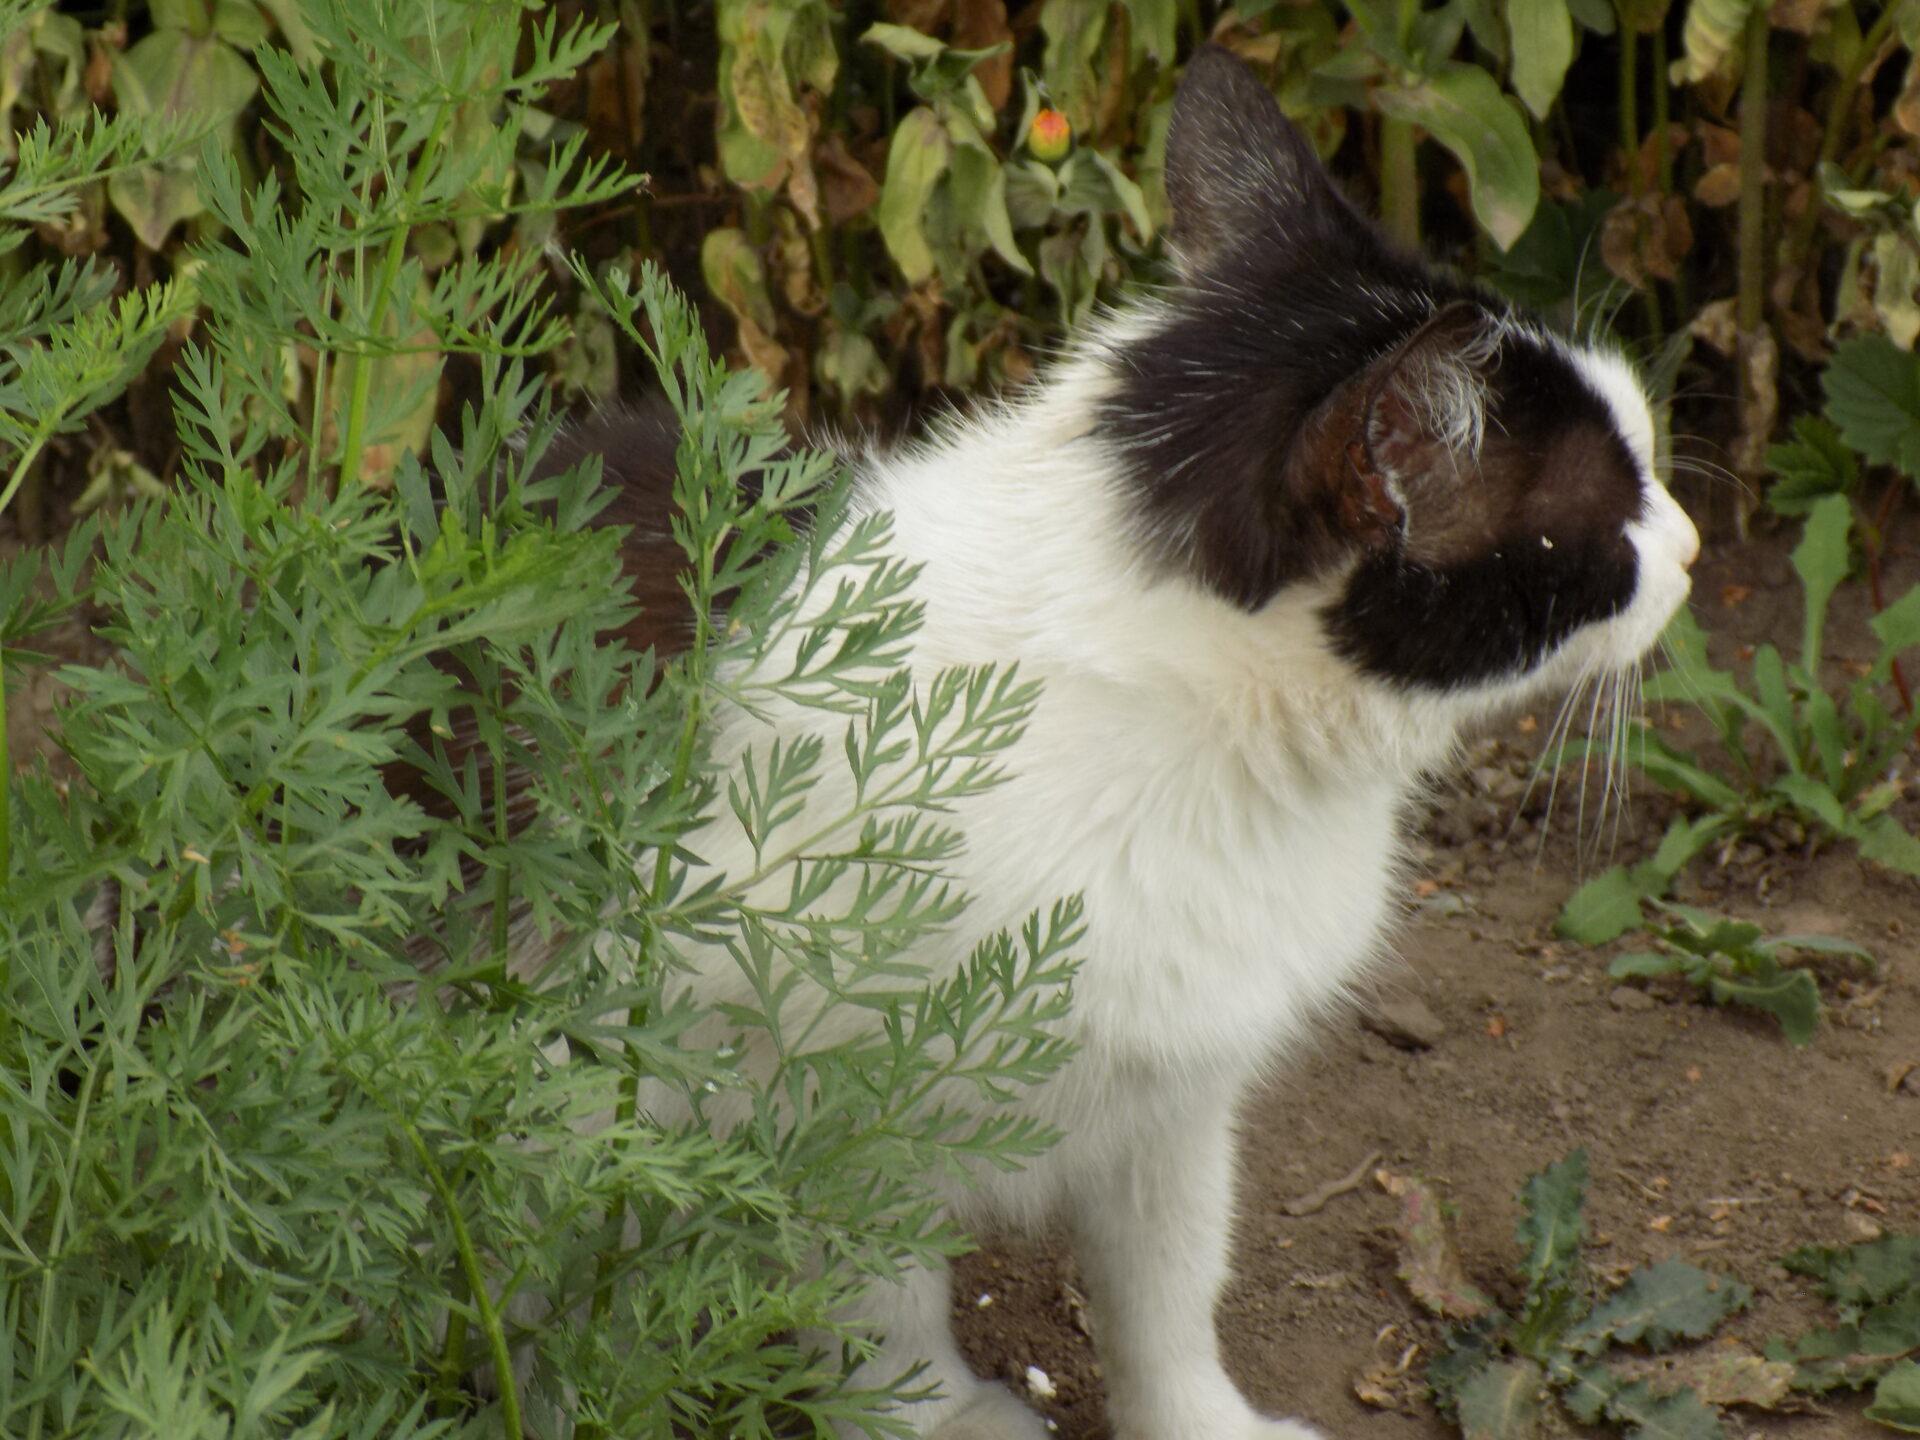 Ветеринар Лесли Лайонс обнаружил 95% генетическое сходство у человека и кошки